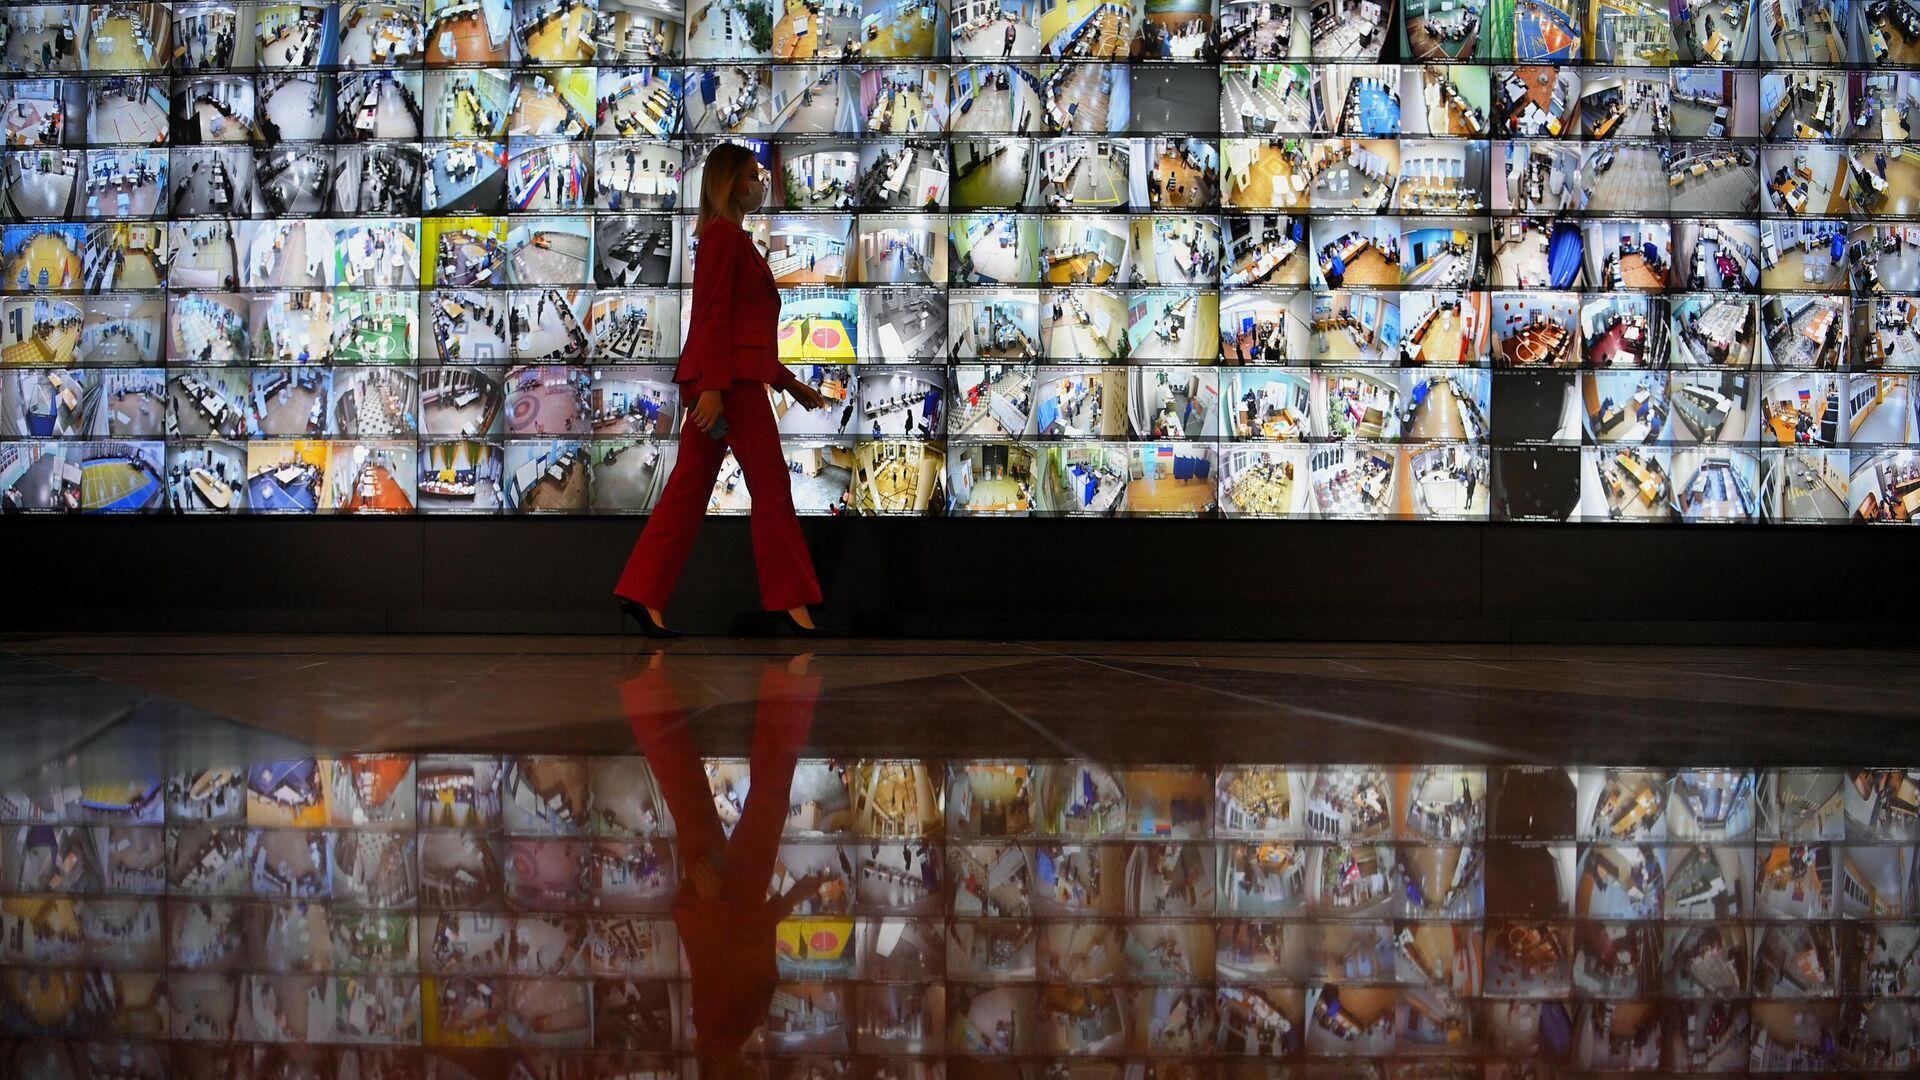 Экраны с участками для голосования в информационном центре Центральной избирательной комиссии РФ во время выборов в Госдуму 2021 года - РИА Новости, 1920, 19.09.2021